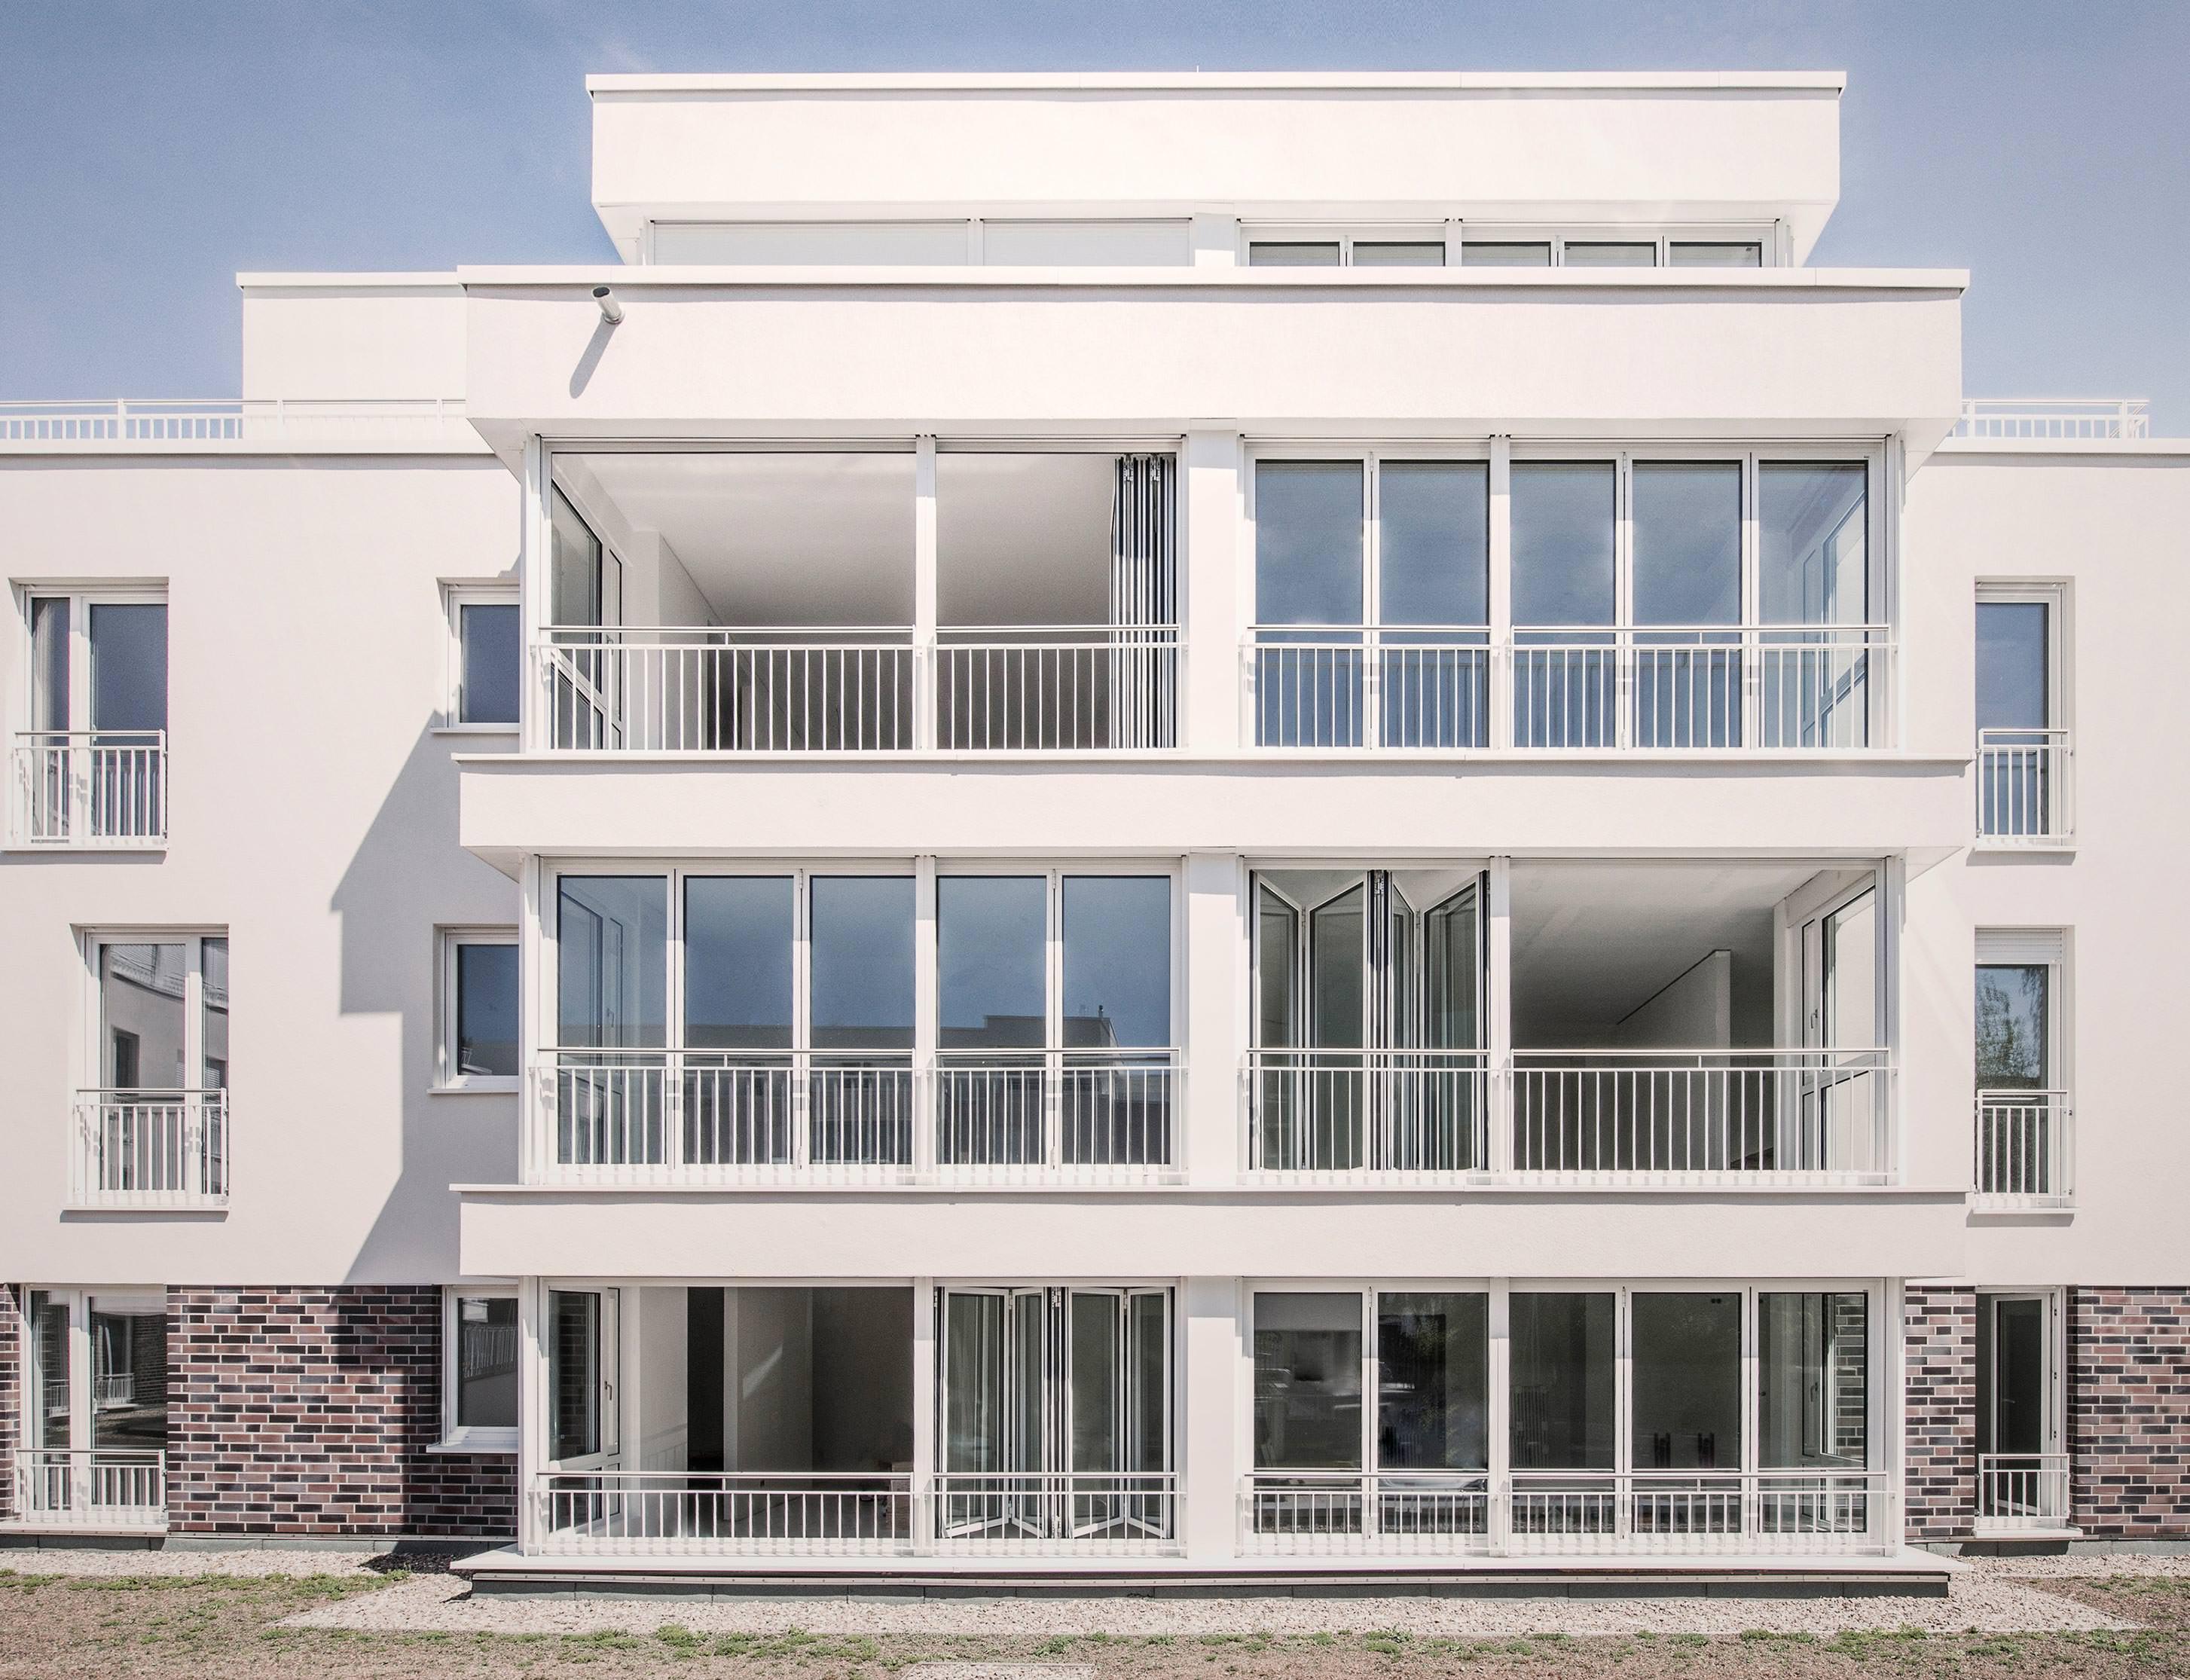 Glas-Faltwand als Balkonverglasung zur Wohnraumerweiterung